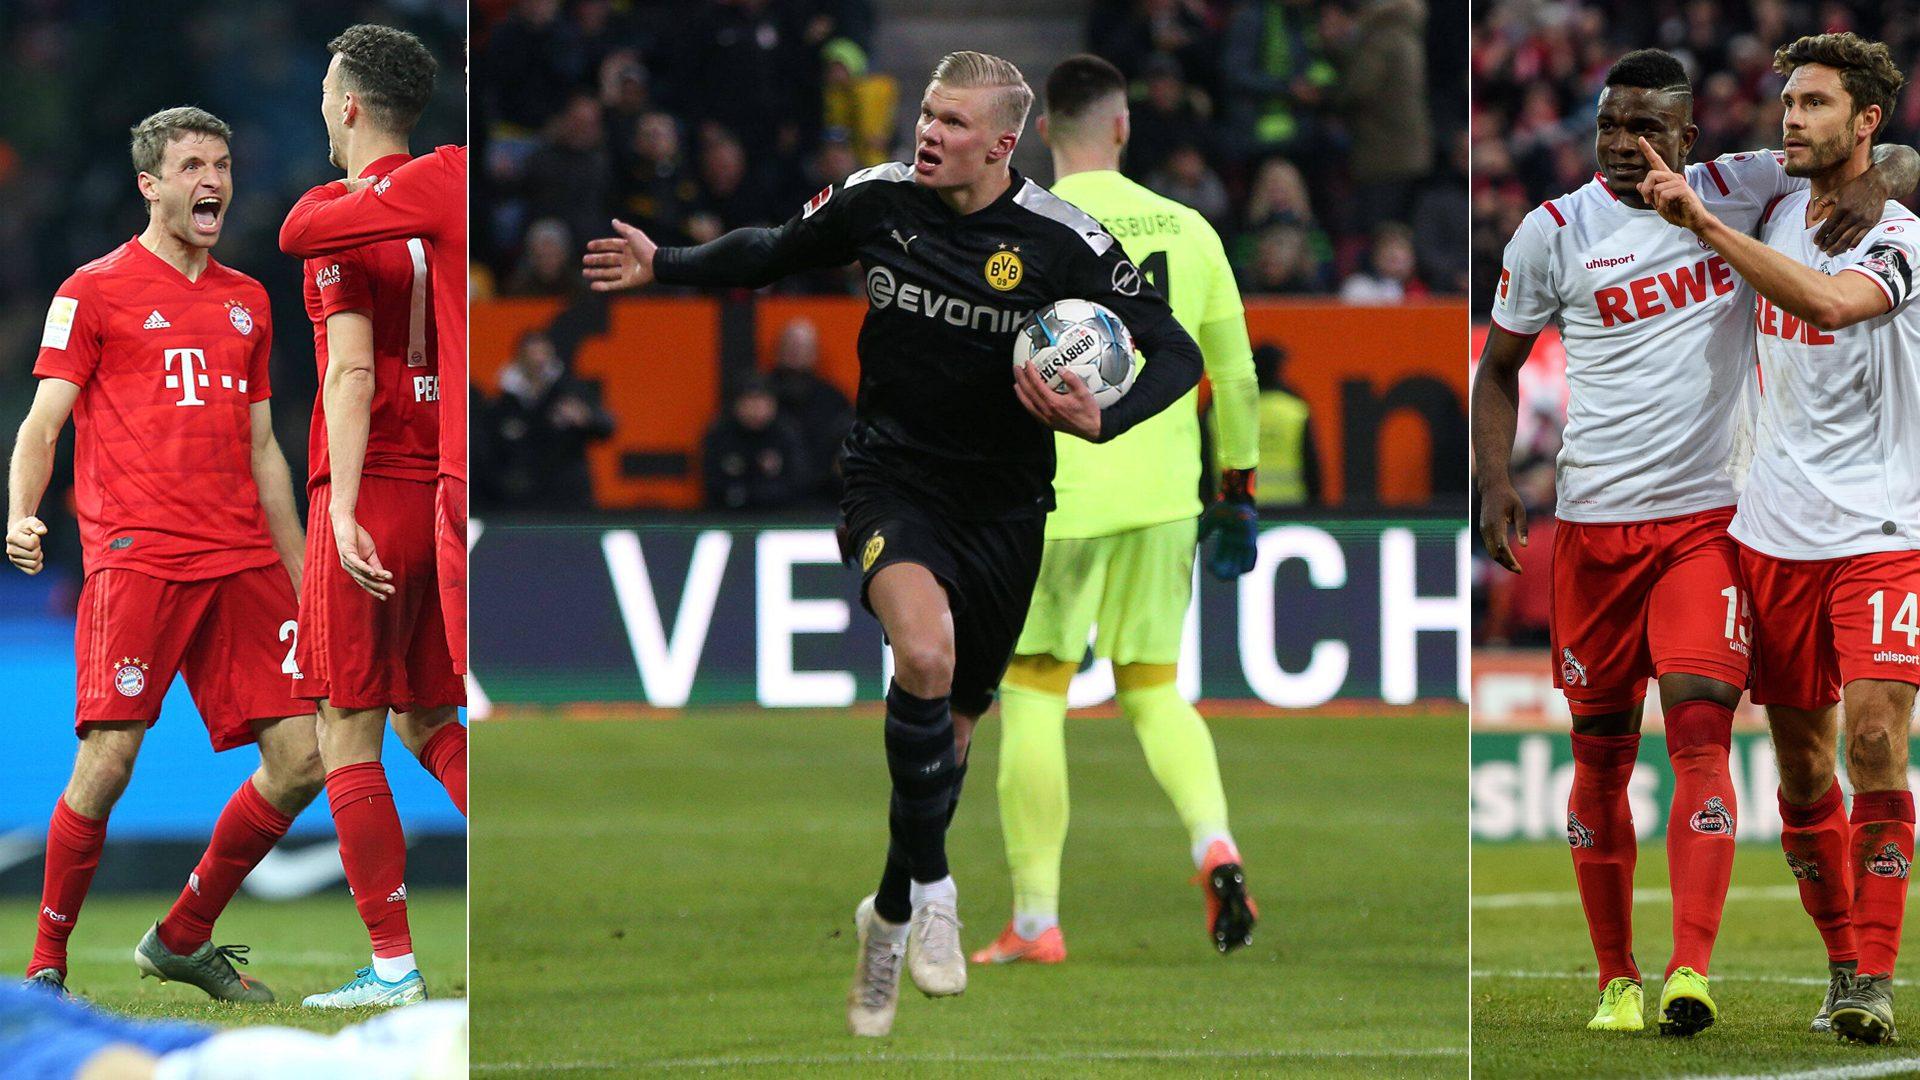 18. Spieltag: Darüber spricht die Bundesliga